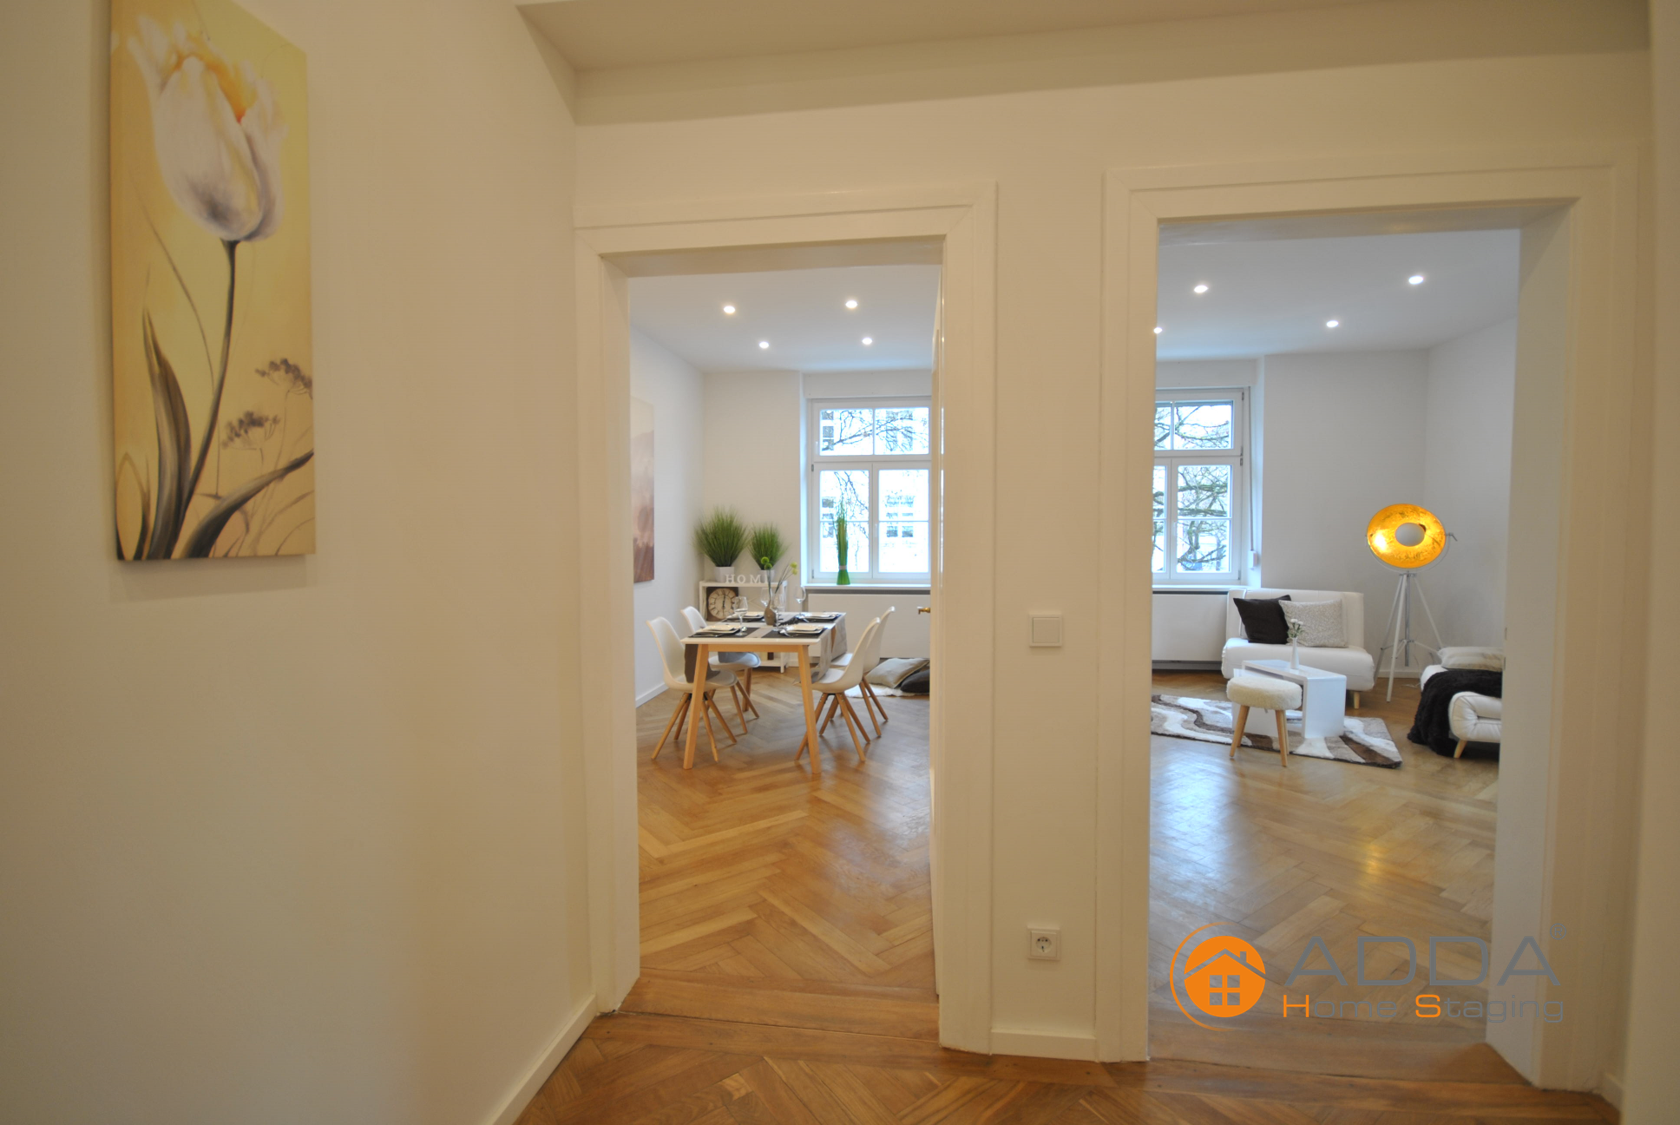 Flur #Zimmer #Bild #Blume #HomeStaging #ImmobilienAufbereitung ...